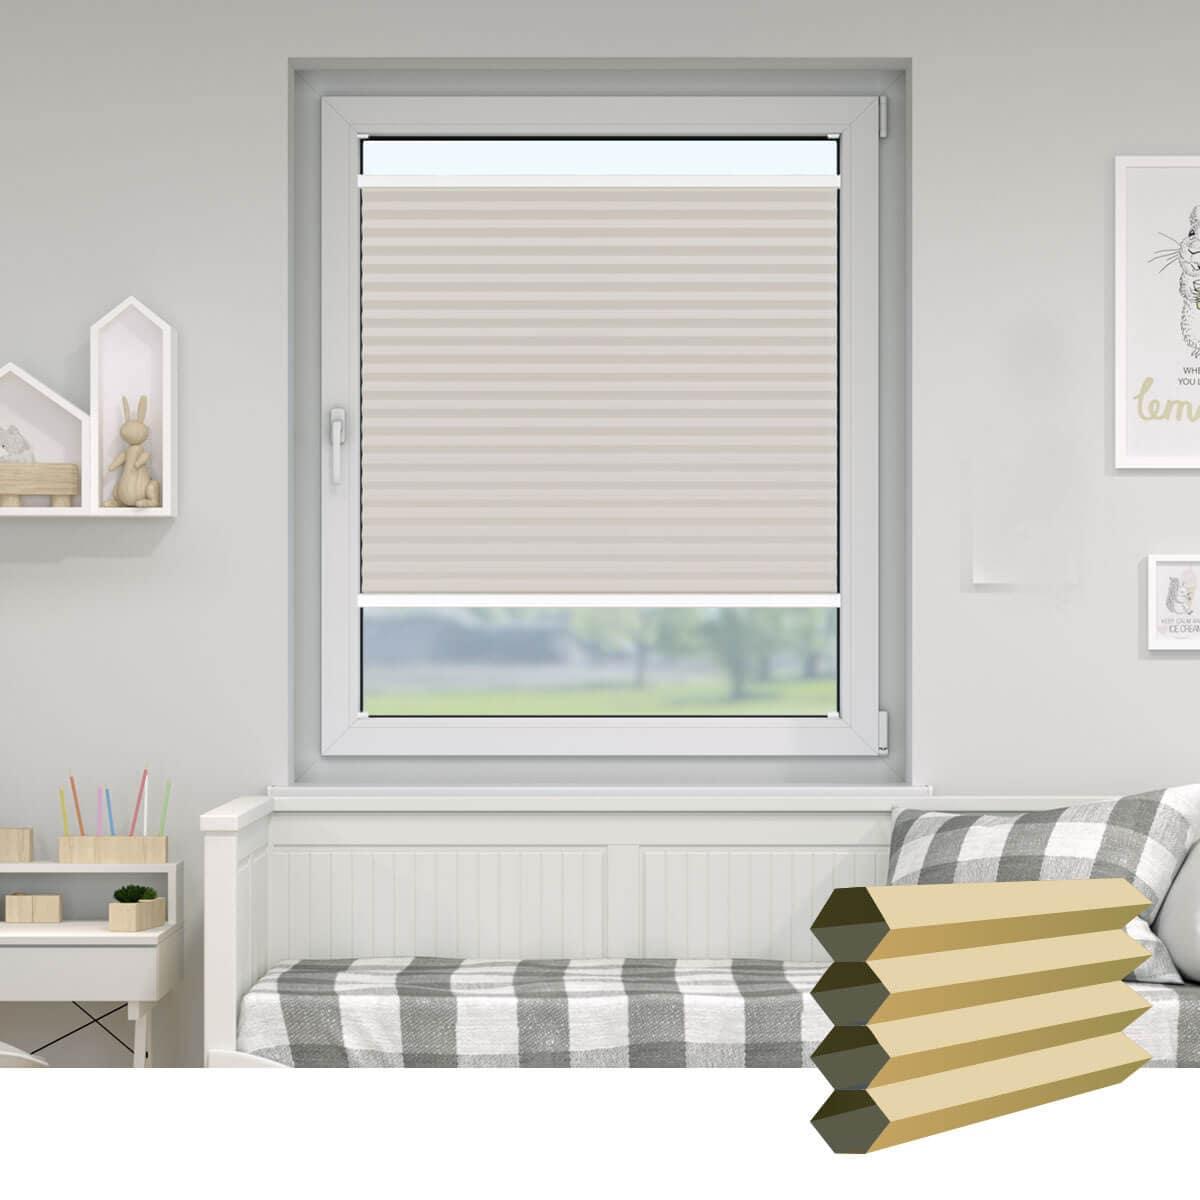 faltstore fertigplissee faltstores g nstig kaufen. Black Bedroom Furniture Sets. Home Design Ideas